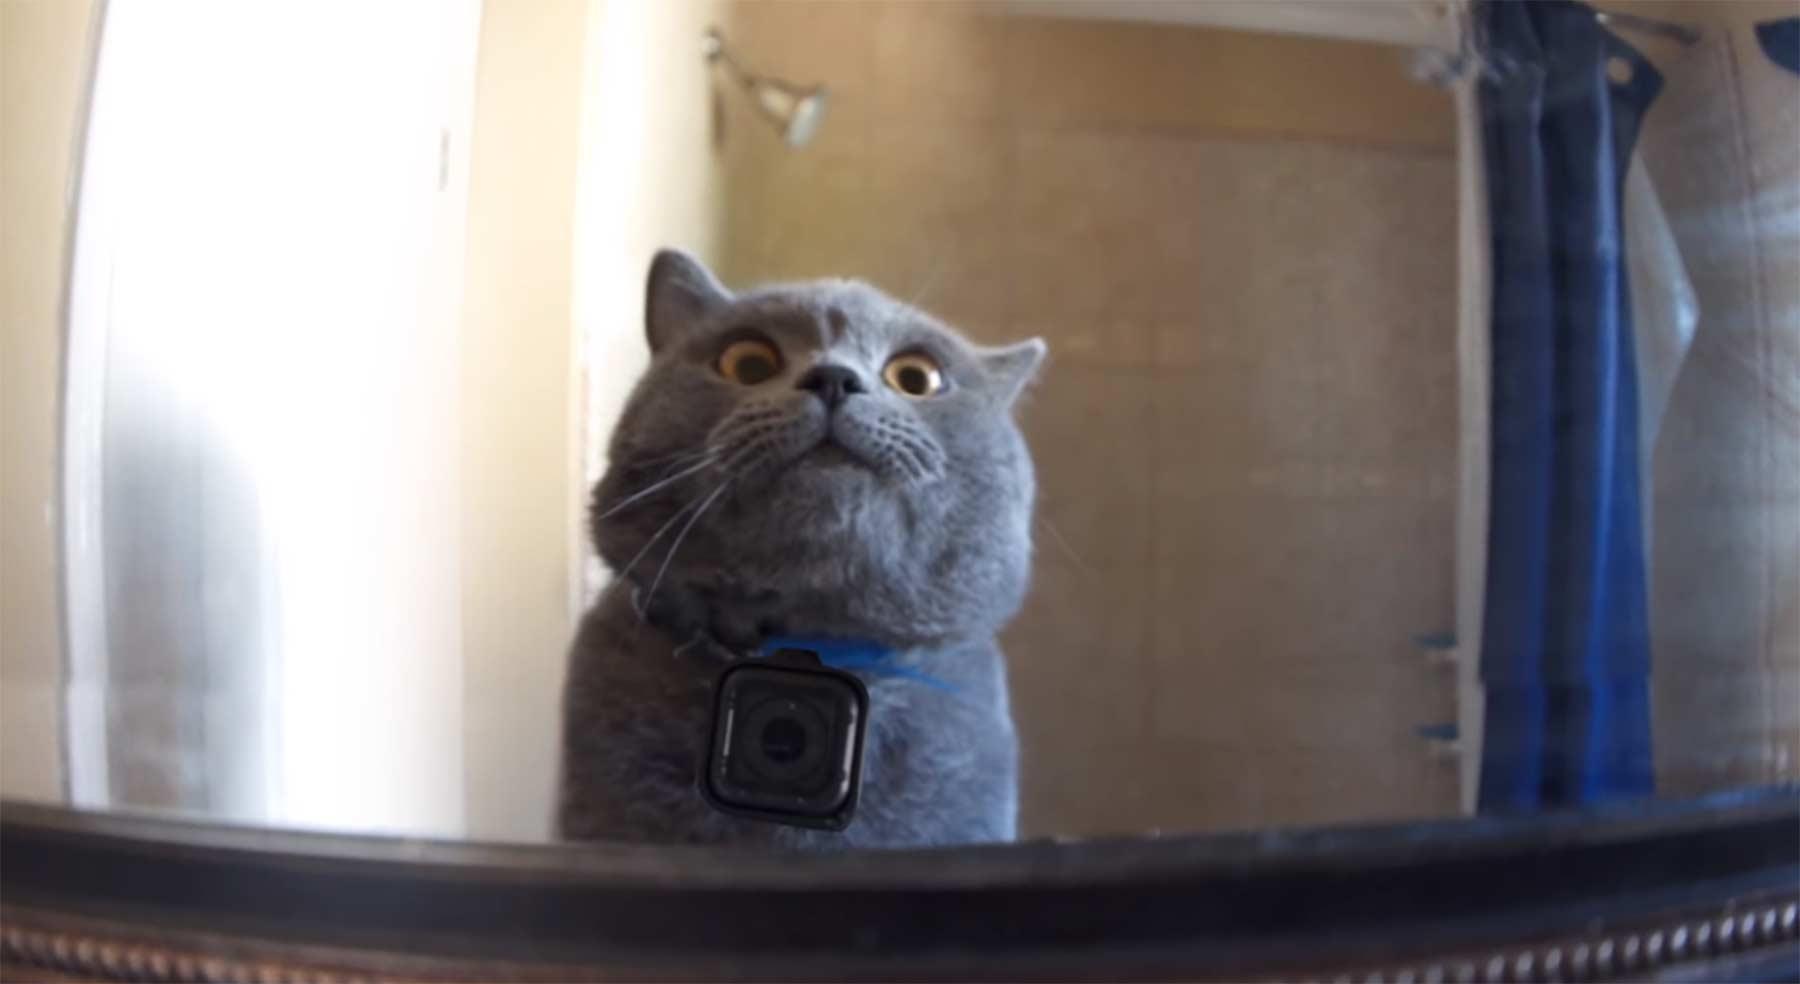 GoPro-Kamera an einer Zuhause allein gelassenen Katze